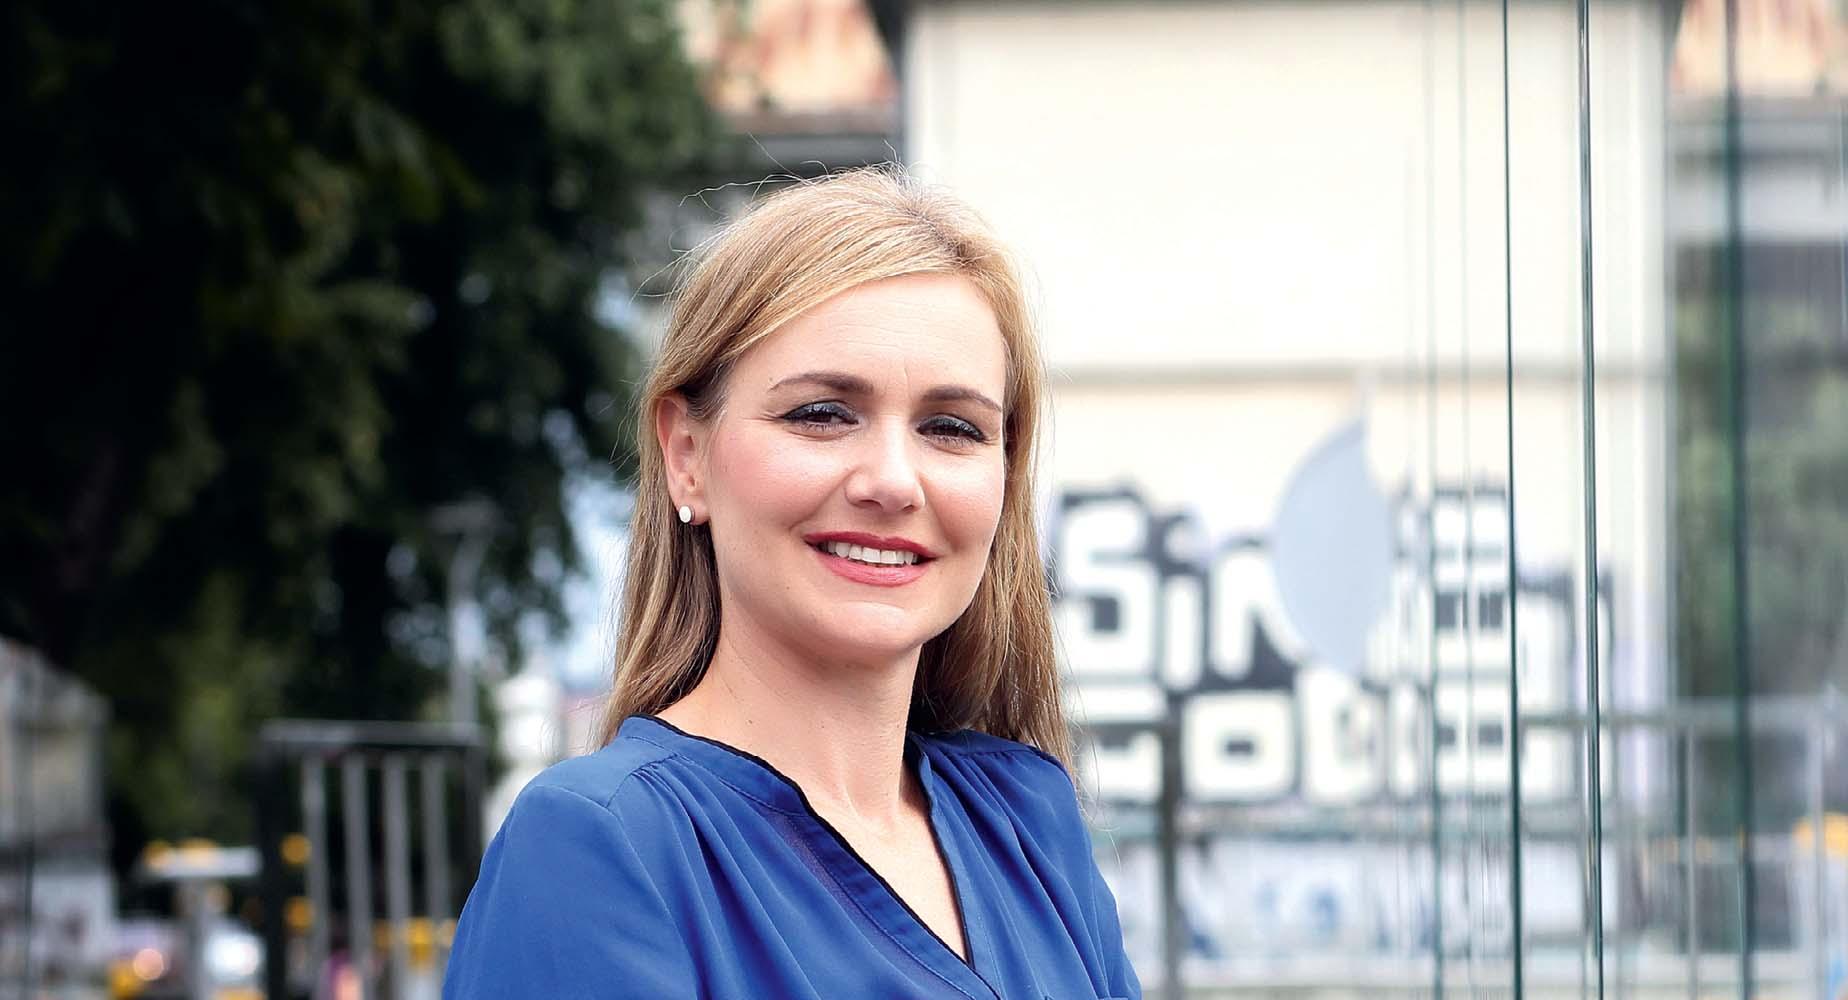 'Moramo se distancirati i od Hasanbegovića, a ne samo od Esih'